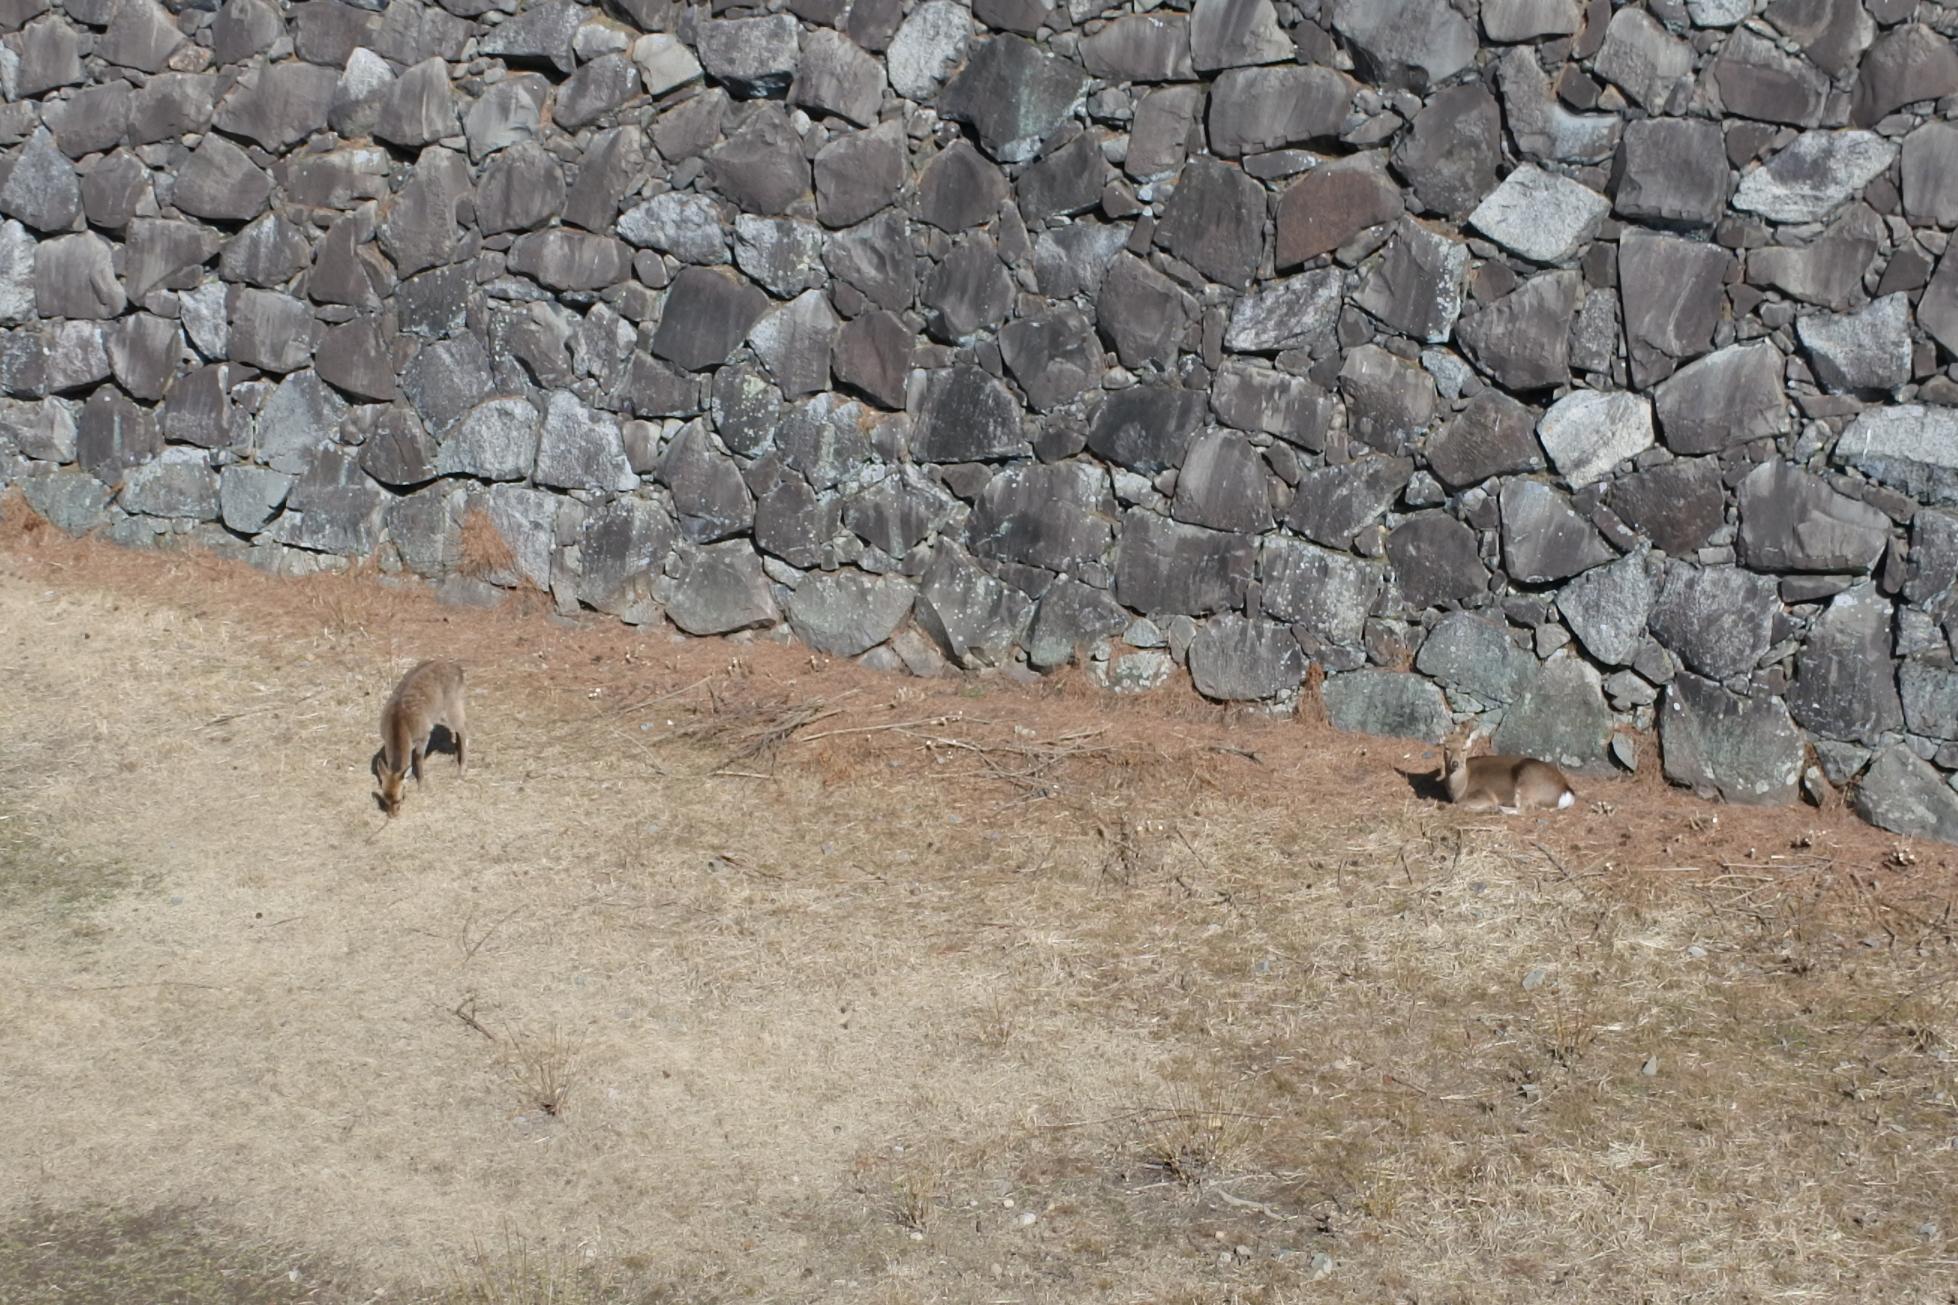 歴史に興味がなくても楽しめる!鹿にグルメに、名古屋城の見所満載ガイド - d50b15e8ec57ecd70f4797cd6331c2a8